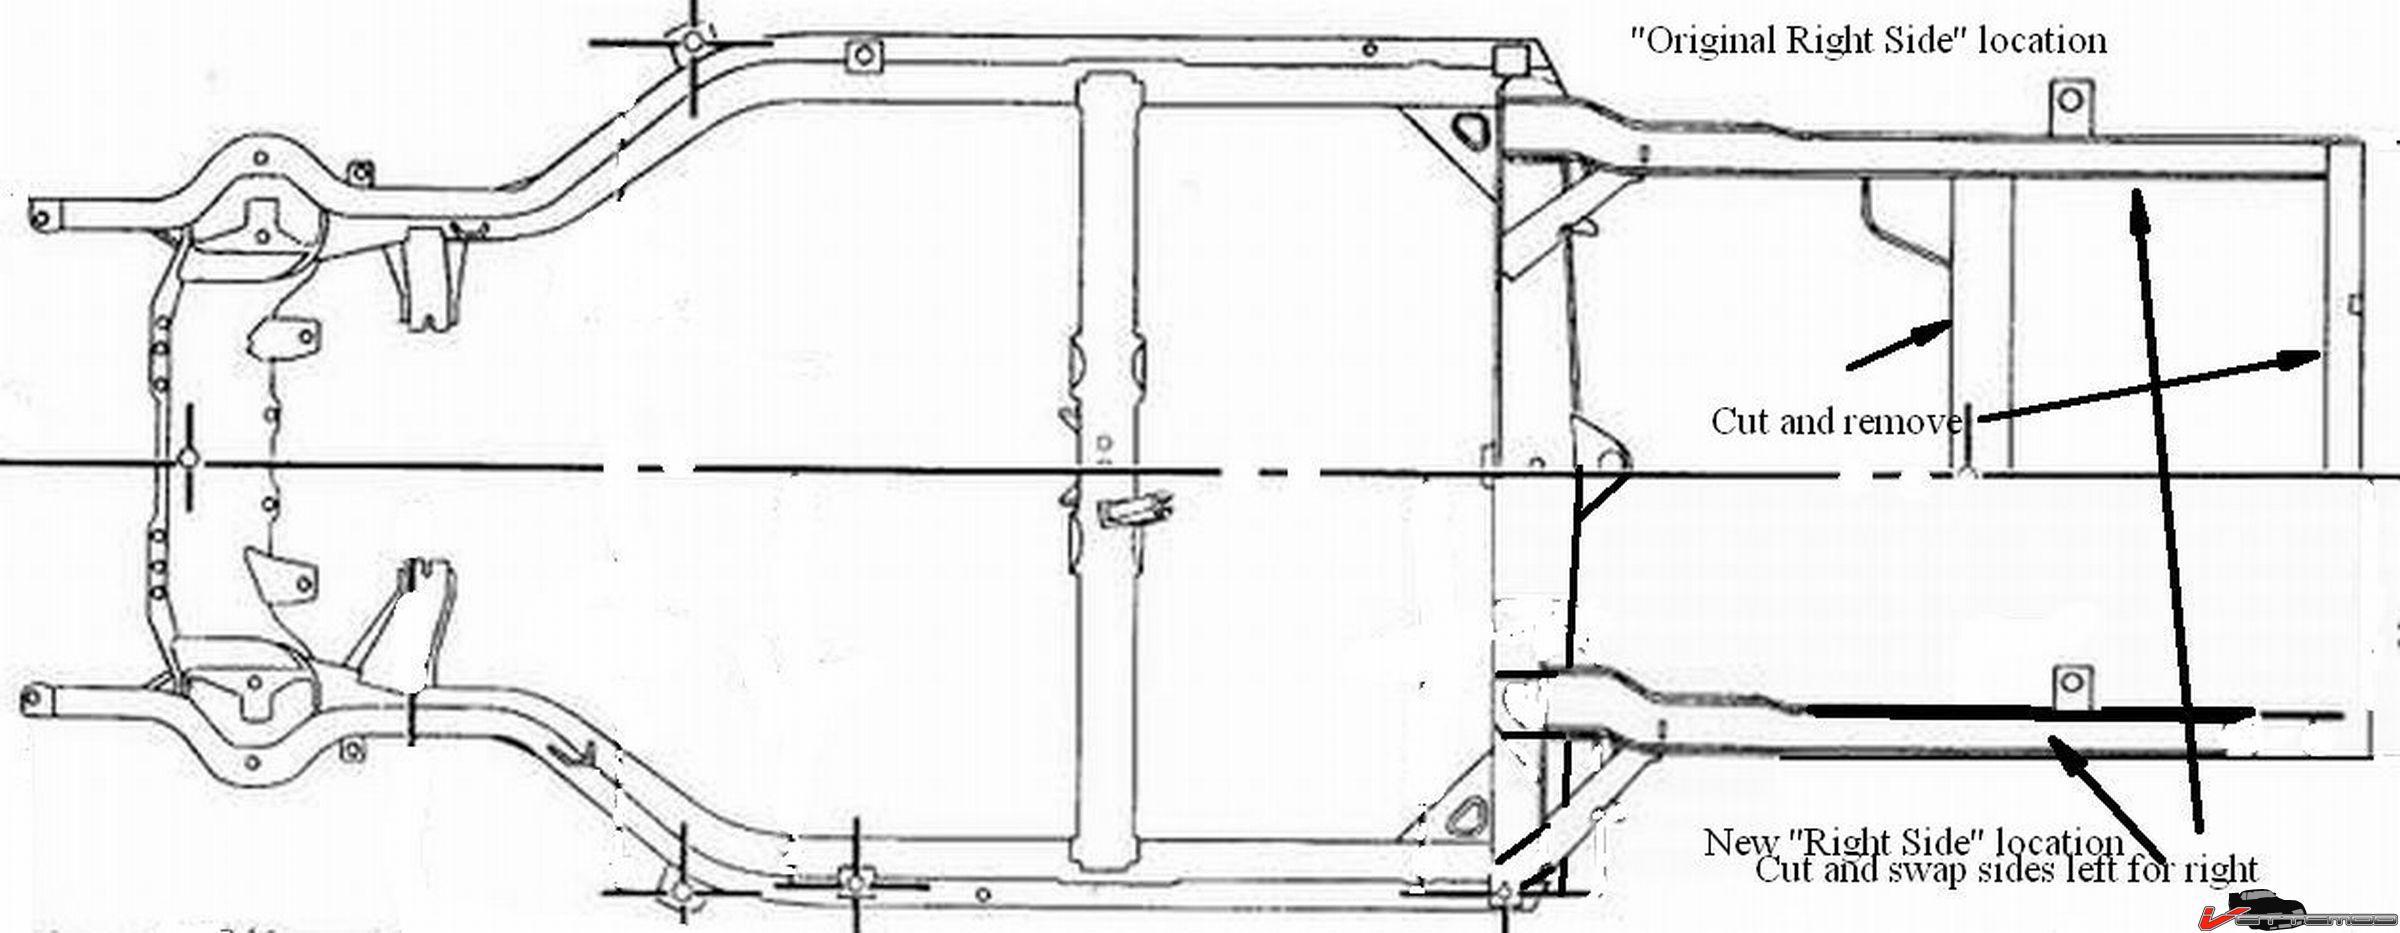 C5 Corvette Rear Suspension Diagram